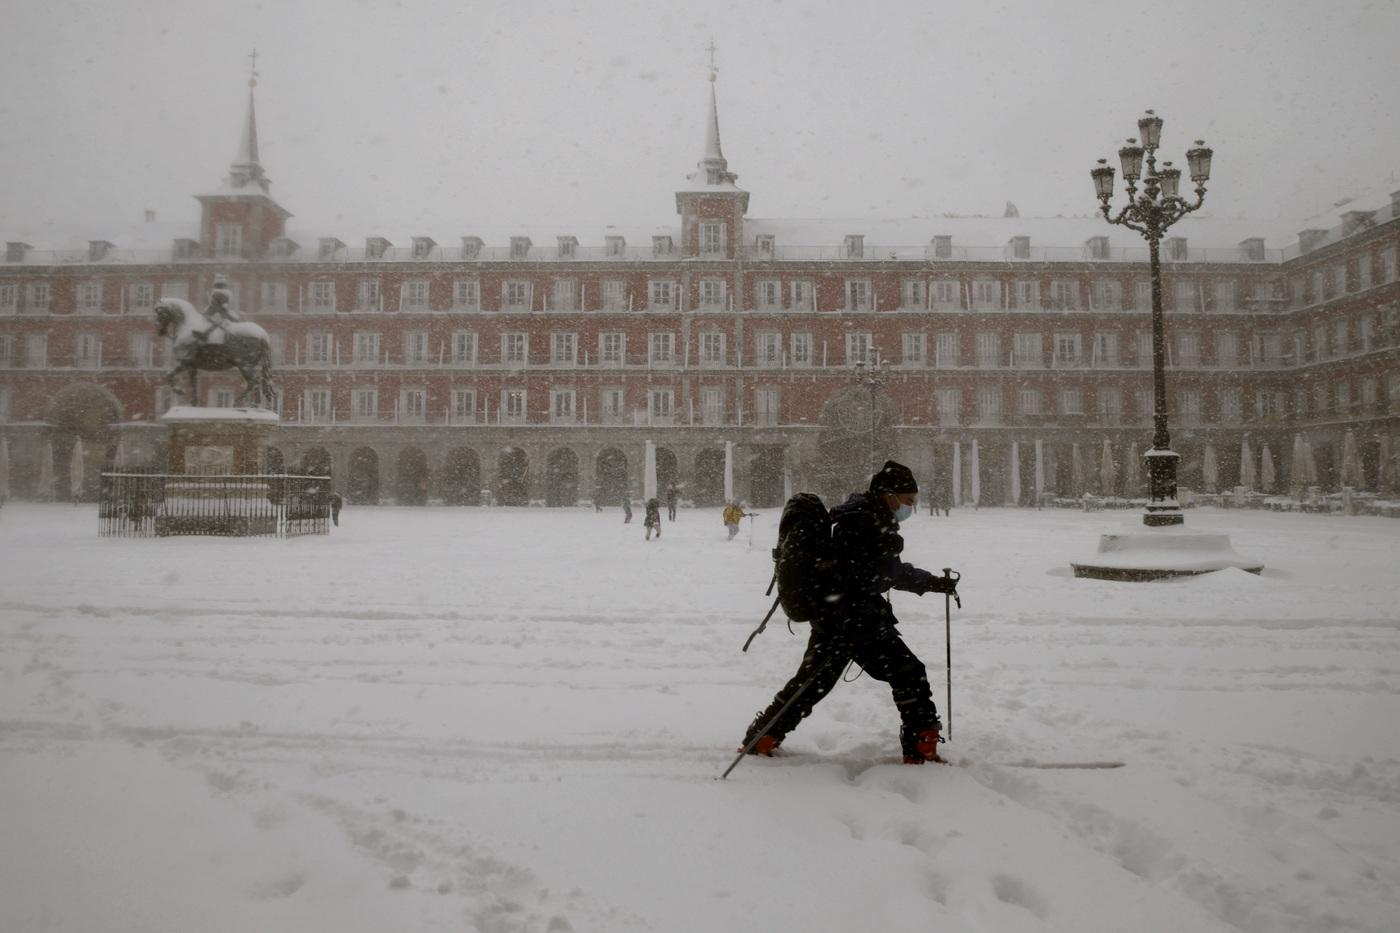 Maltempo in Spagna, Madrid sommersa da neve e ghiaccio